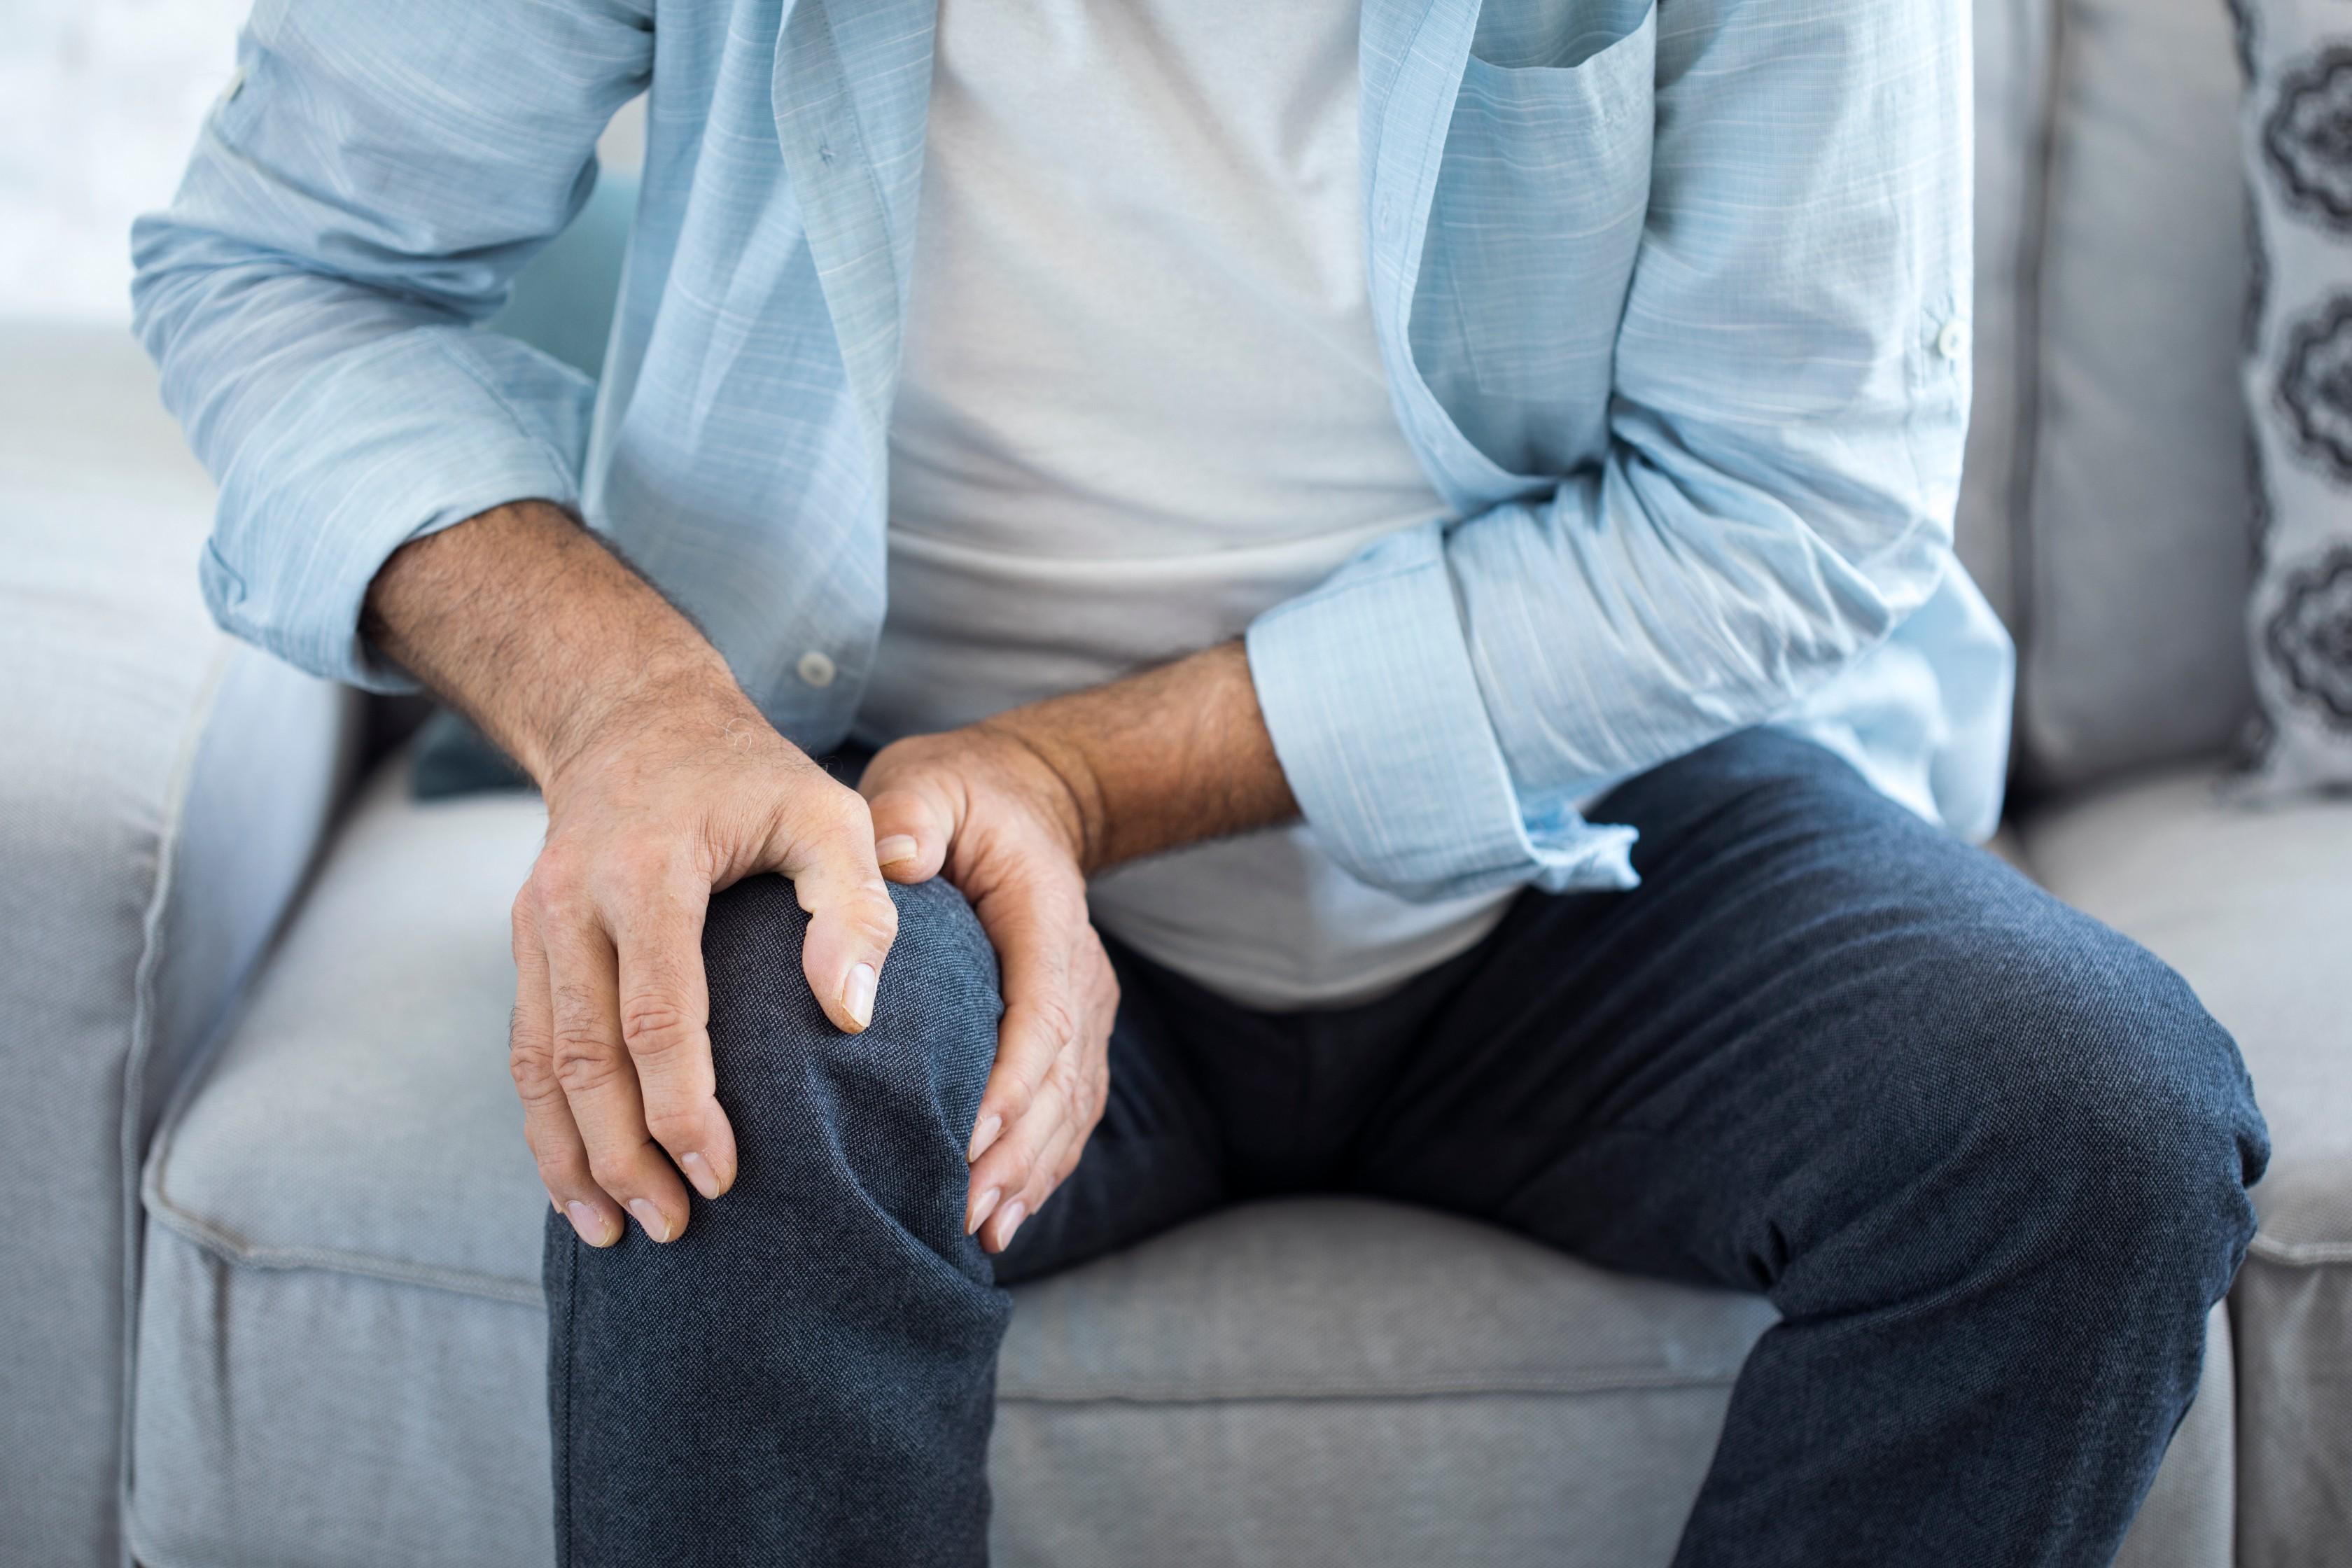 ízületi fájdalom fájdalom, mit kell tenni fájó váll fájdalom nincs ízület